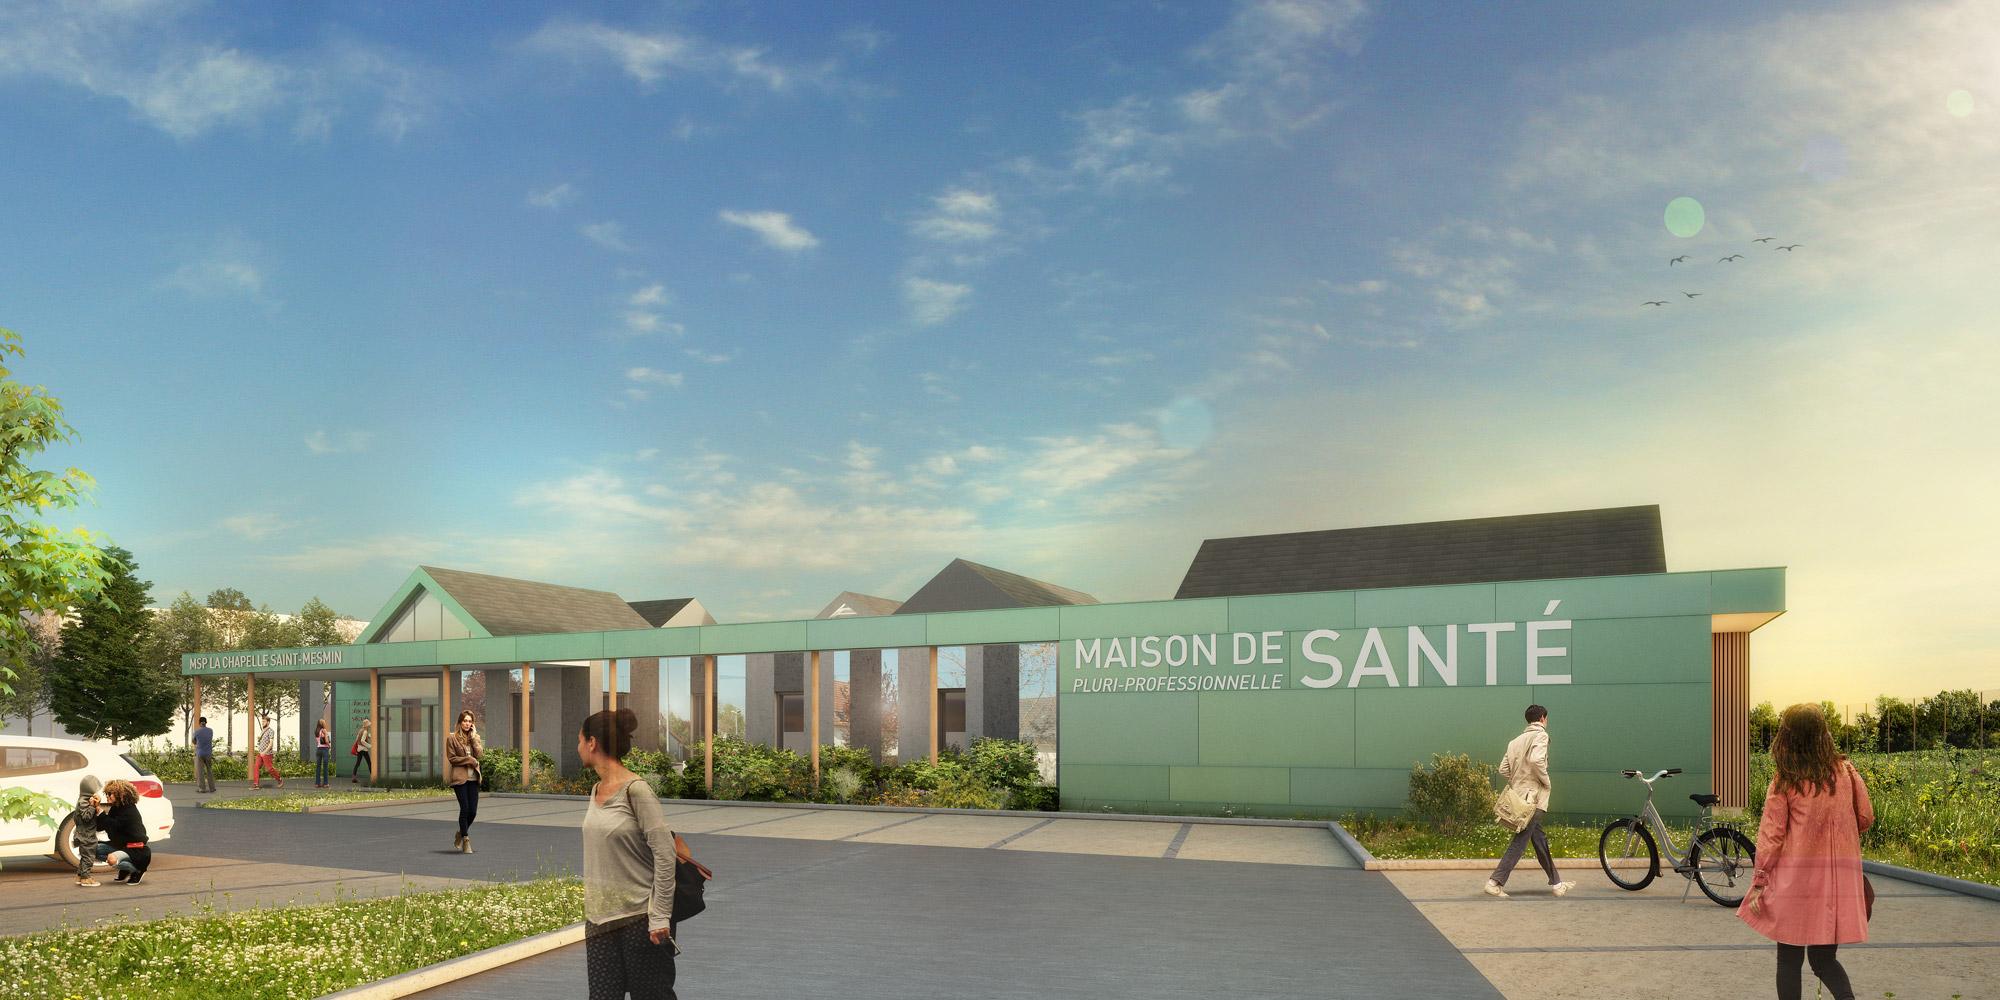 LCM _ Maison de santé _ La Chapelle-Saint-Mesmin